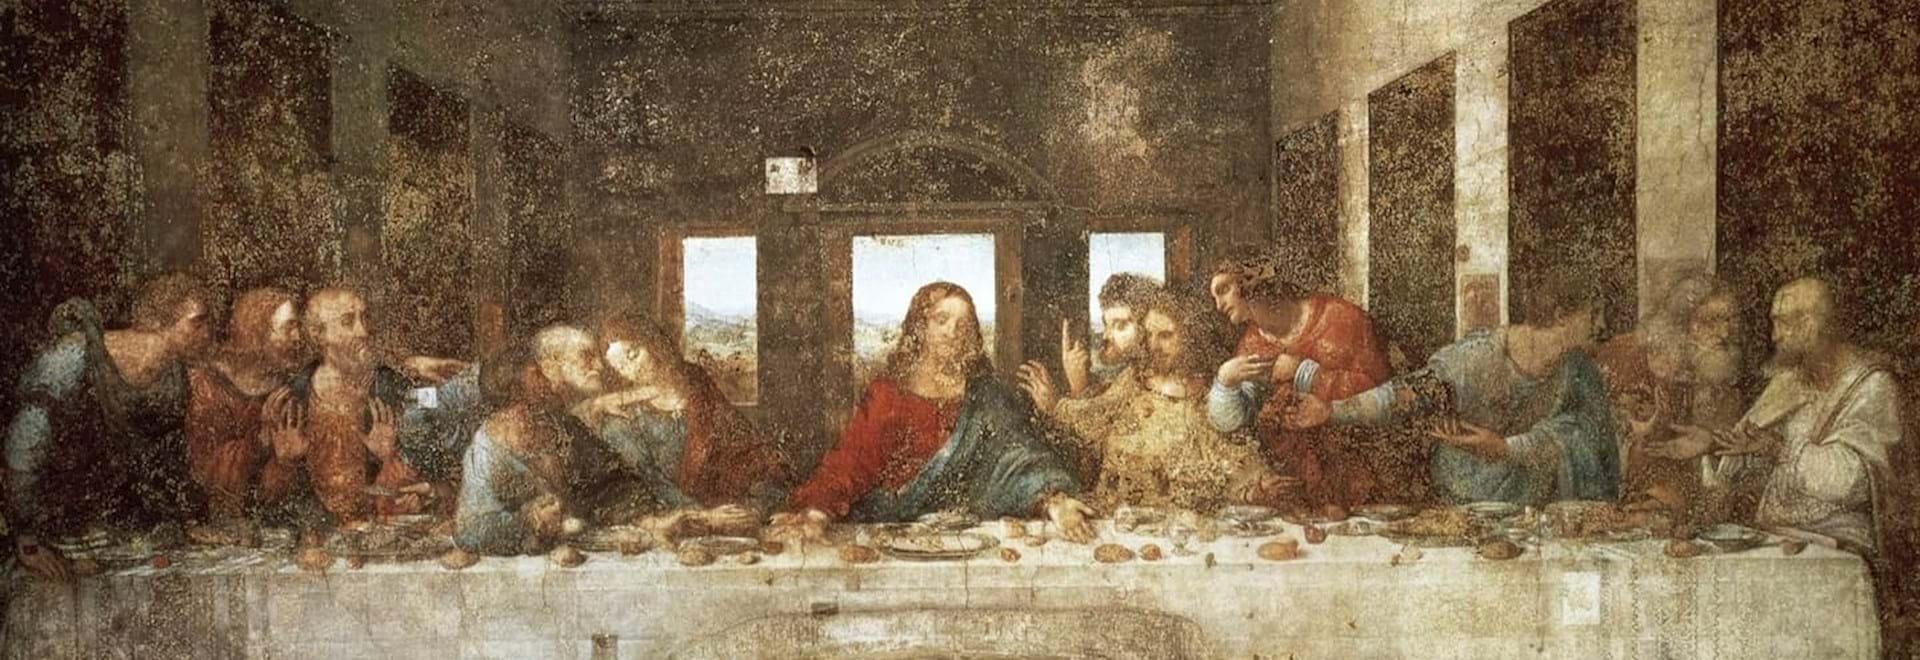 Last Supper Famous Painting of Da Vinci